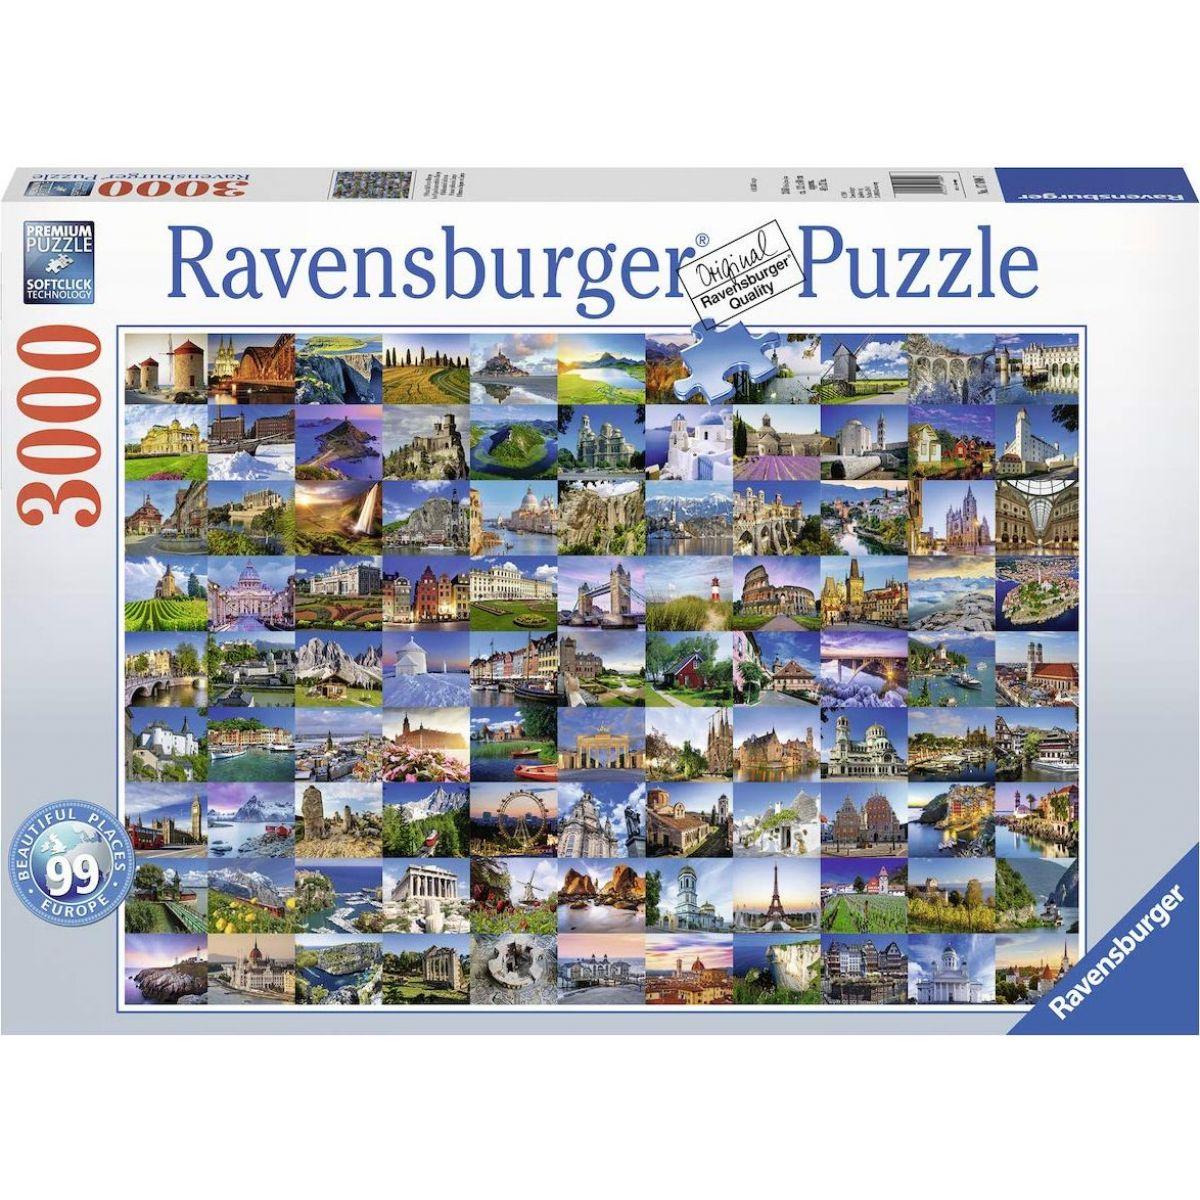 Ravensburger puzzle 170807 99 krásne miesta 3000 dielikov